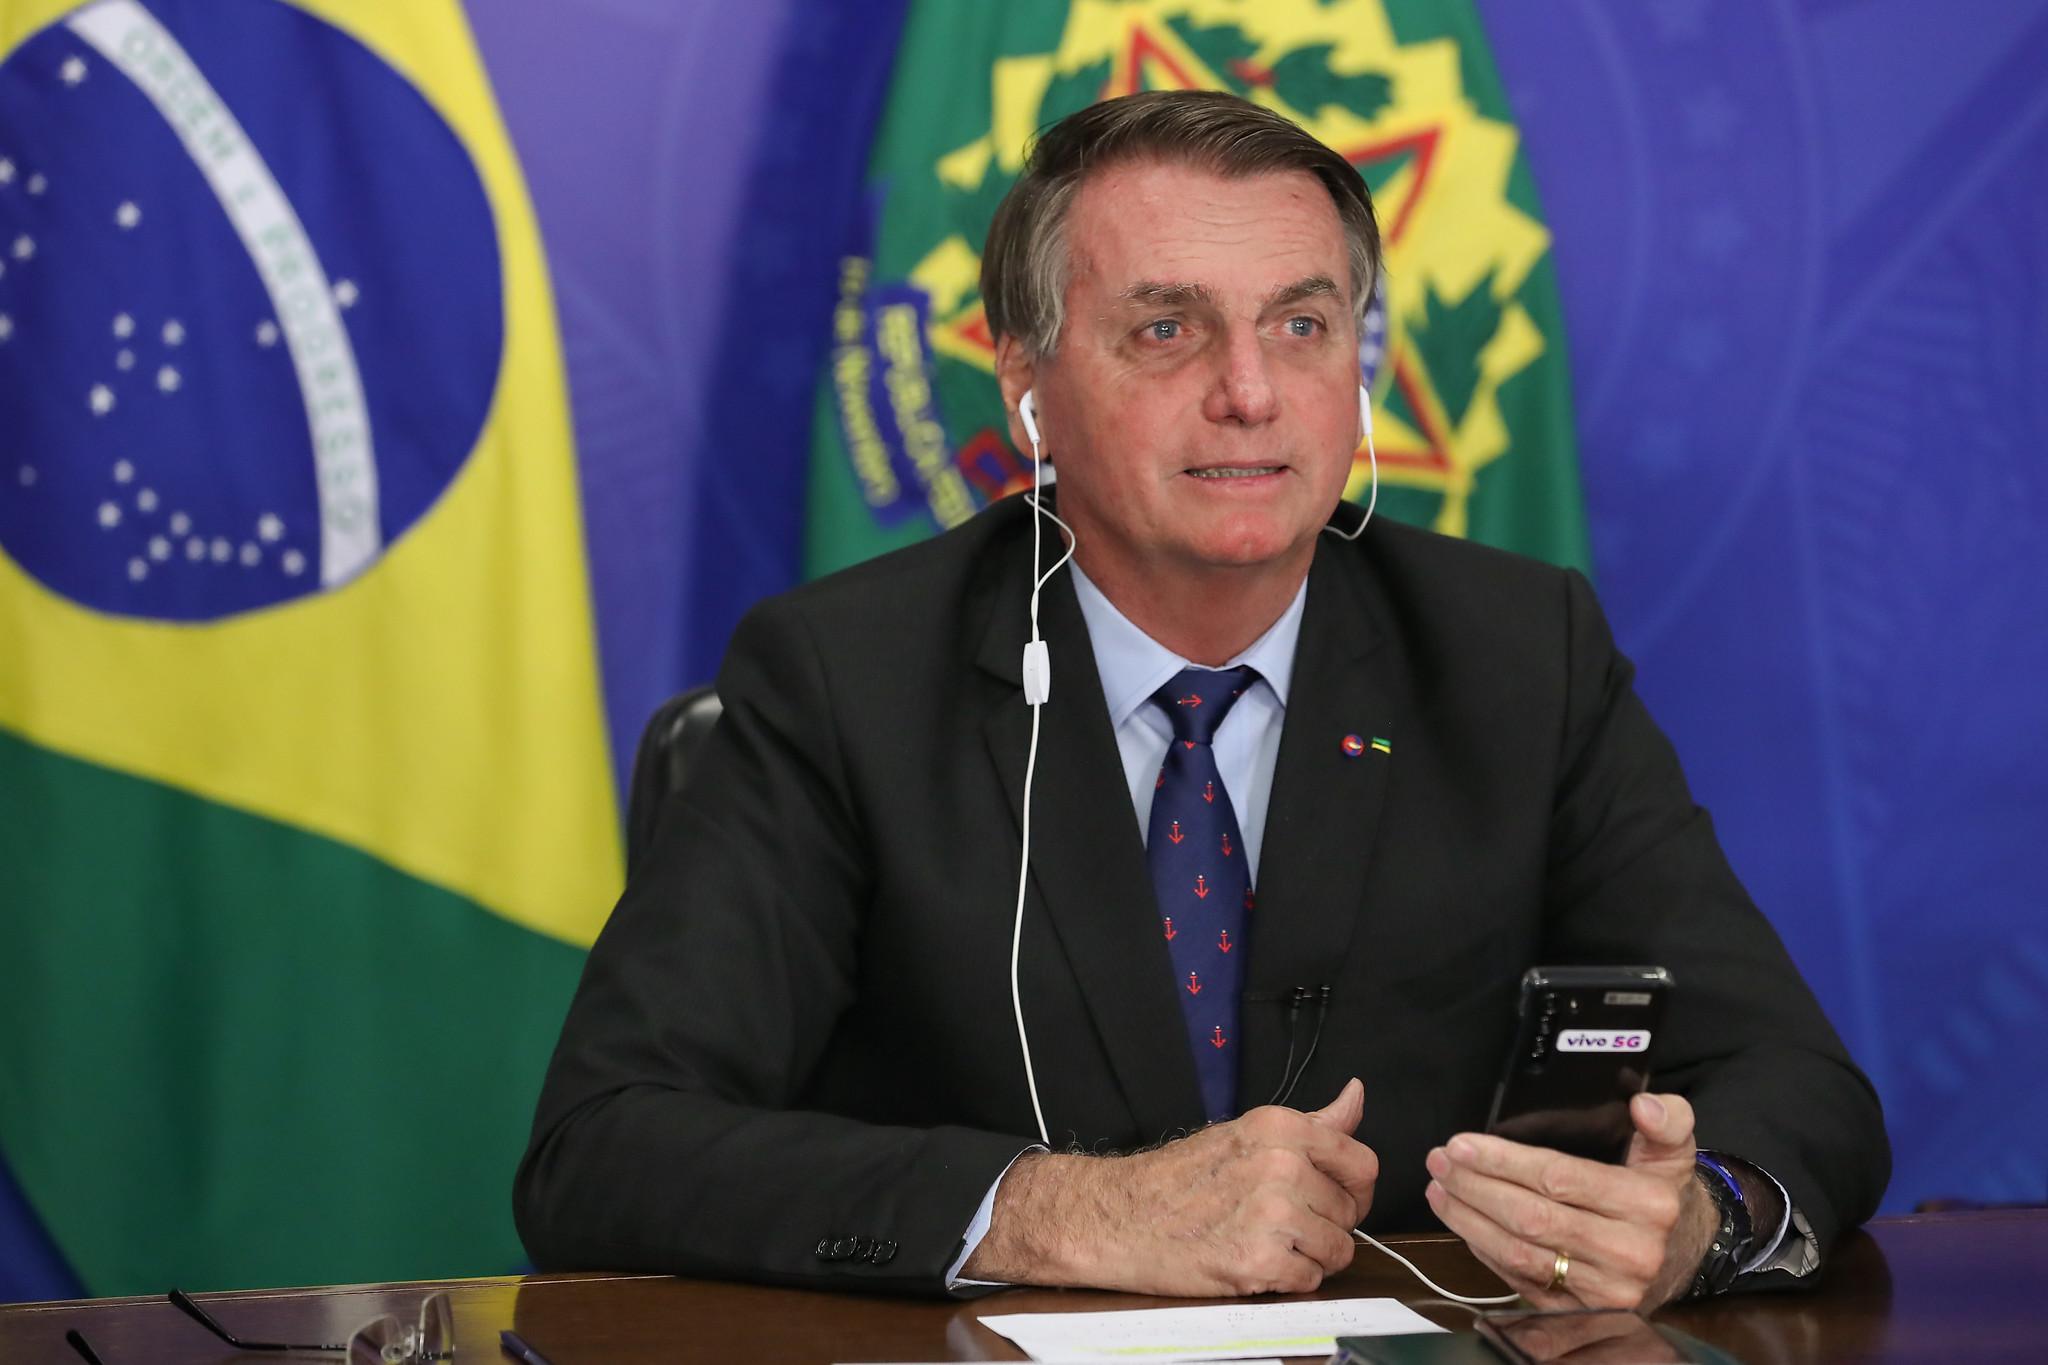 IMAGEM: Fundador da Anvisa apresenta queixa-crime contra autoridades federais por resposta à pandemia